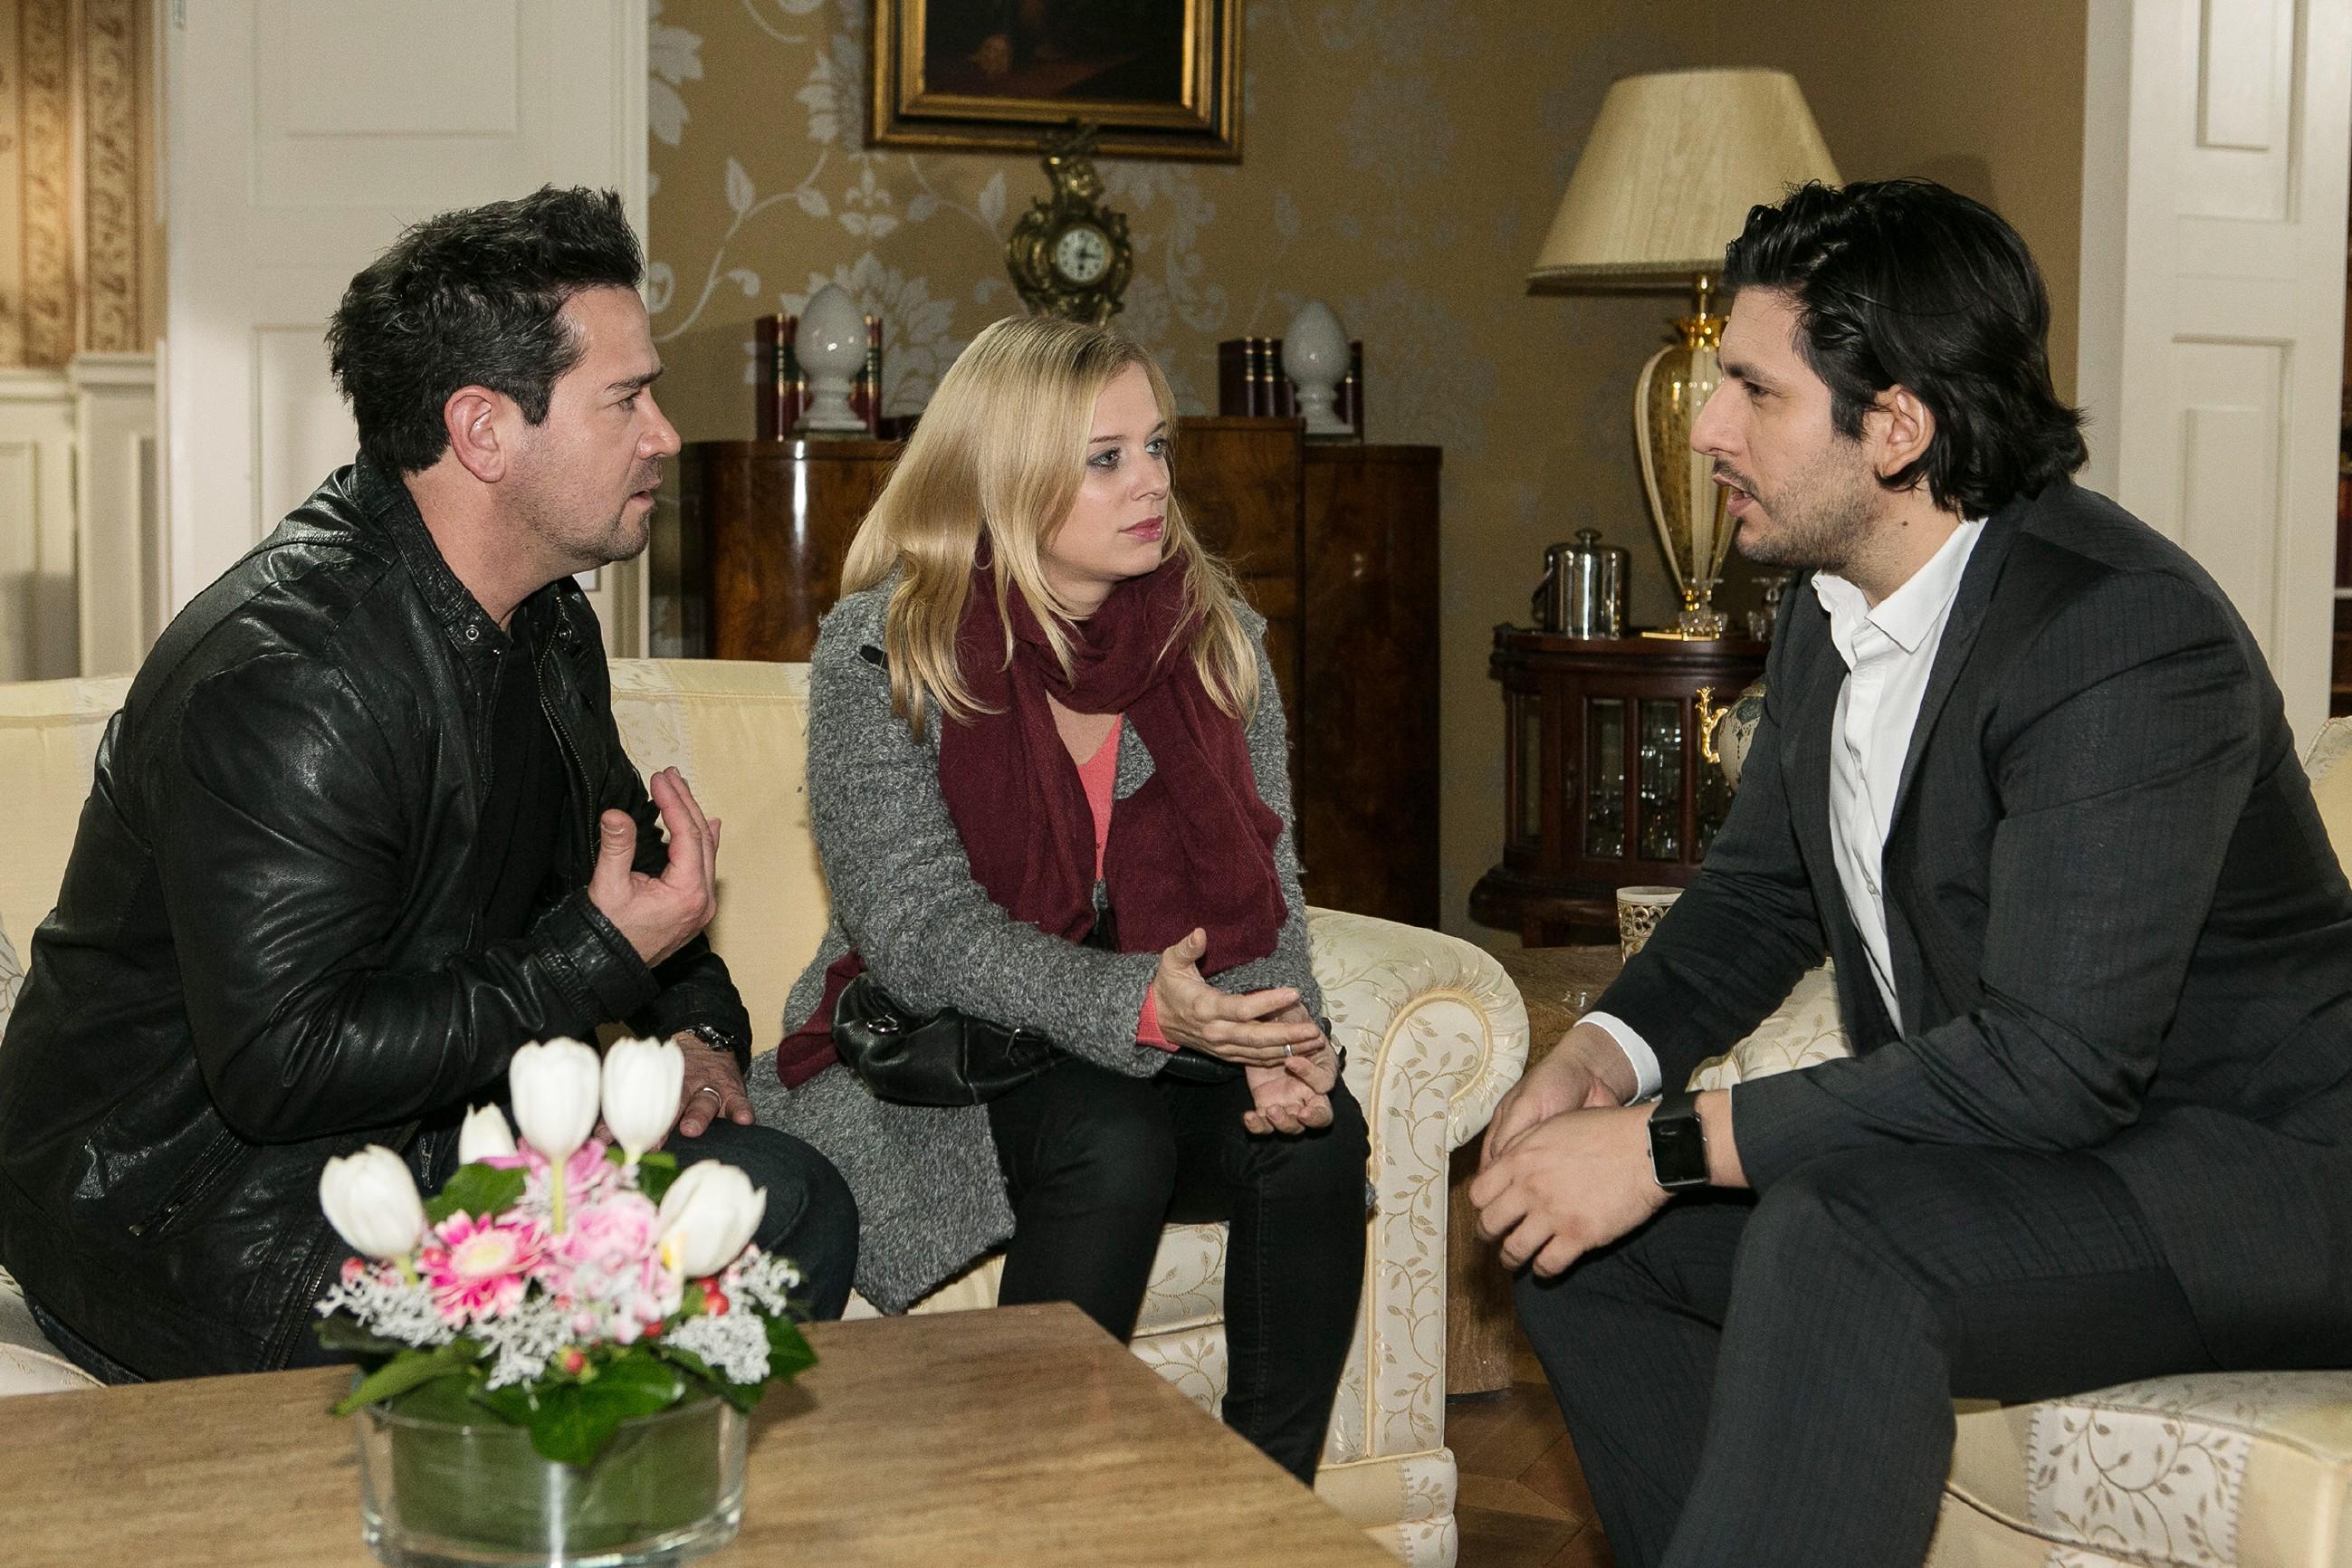 Marian (Sam Eisenstein, l.) wird nachdenklich, als Maximilian (Francisco Medina) ihm und Lena (Juliette Greco) versichtert, Marian die Vaterrolle nicht streitig machen zu wollen. (Quelle: RTL / Kai Schulz)